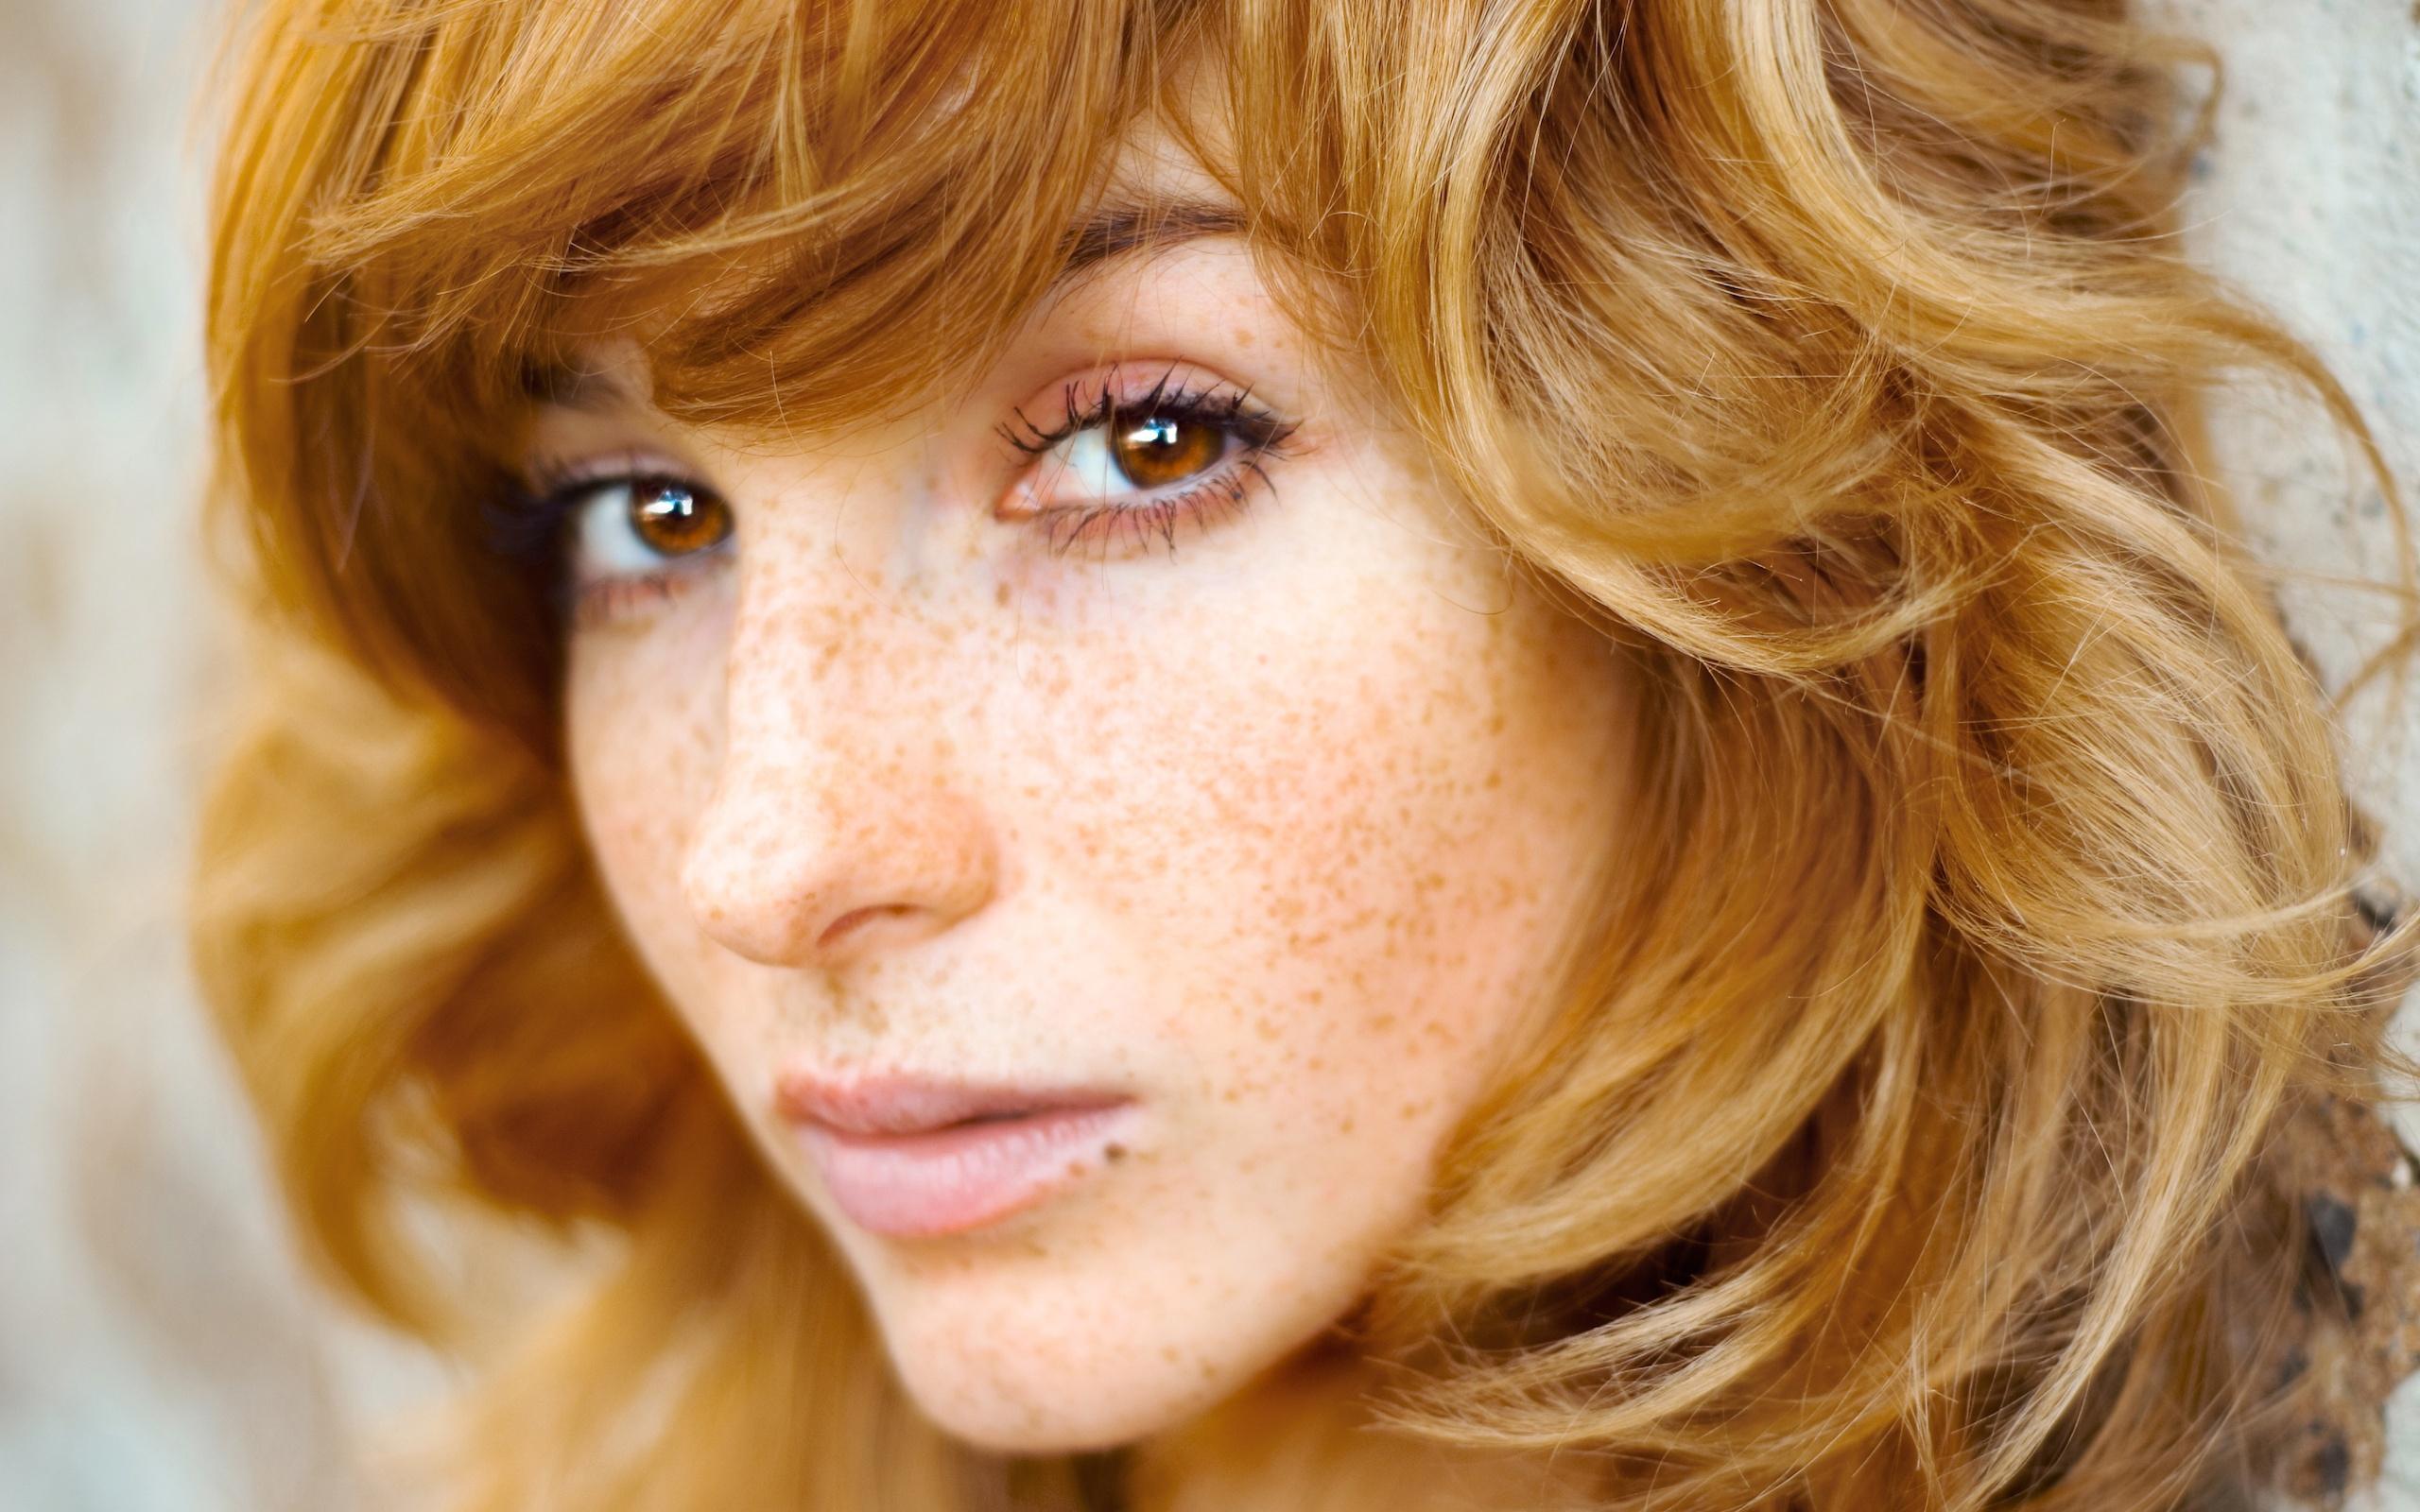 Ce spune culoarea părului despre caracterul tău?